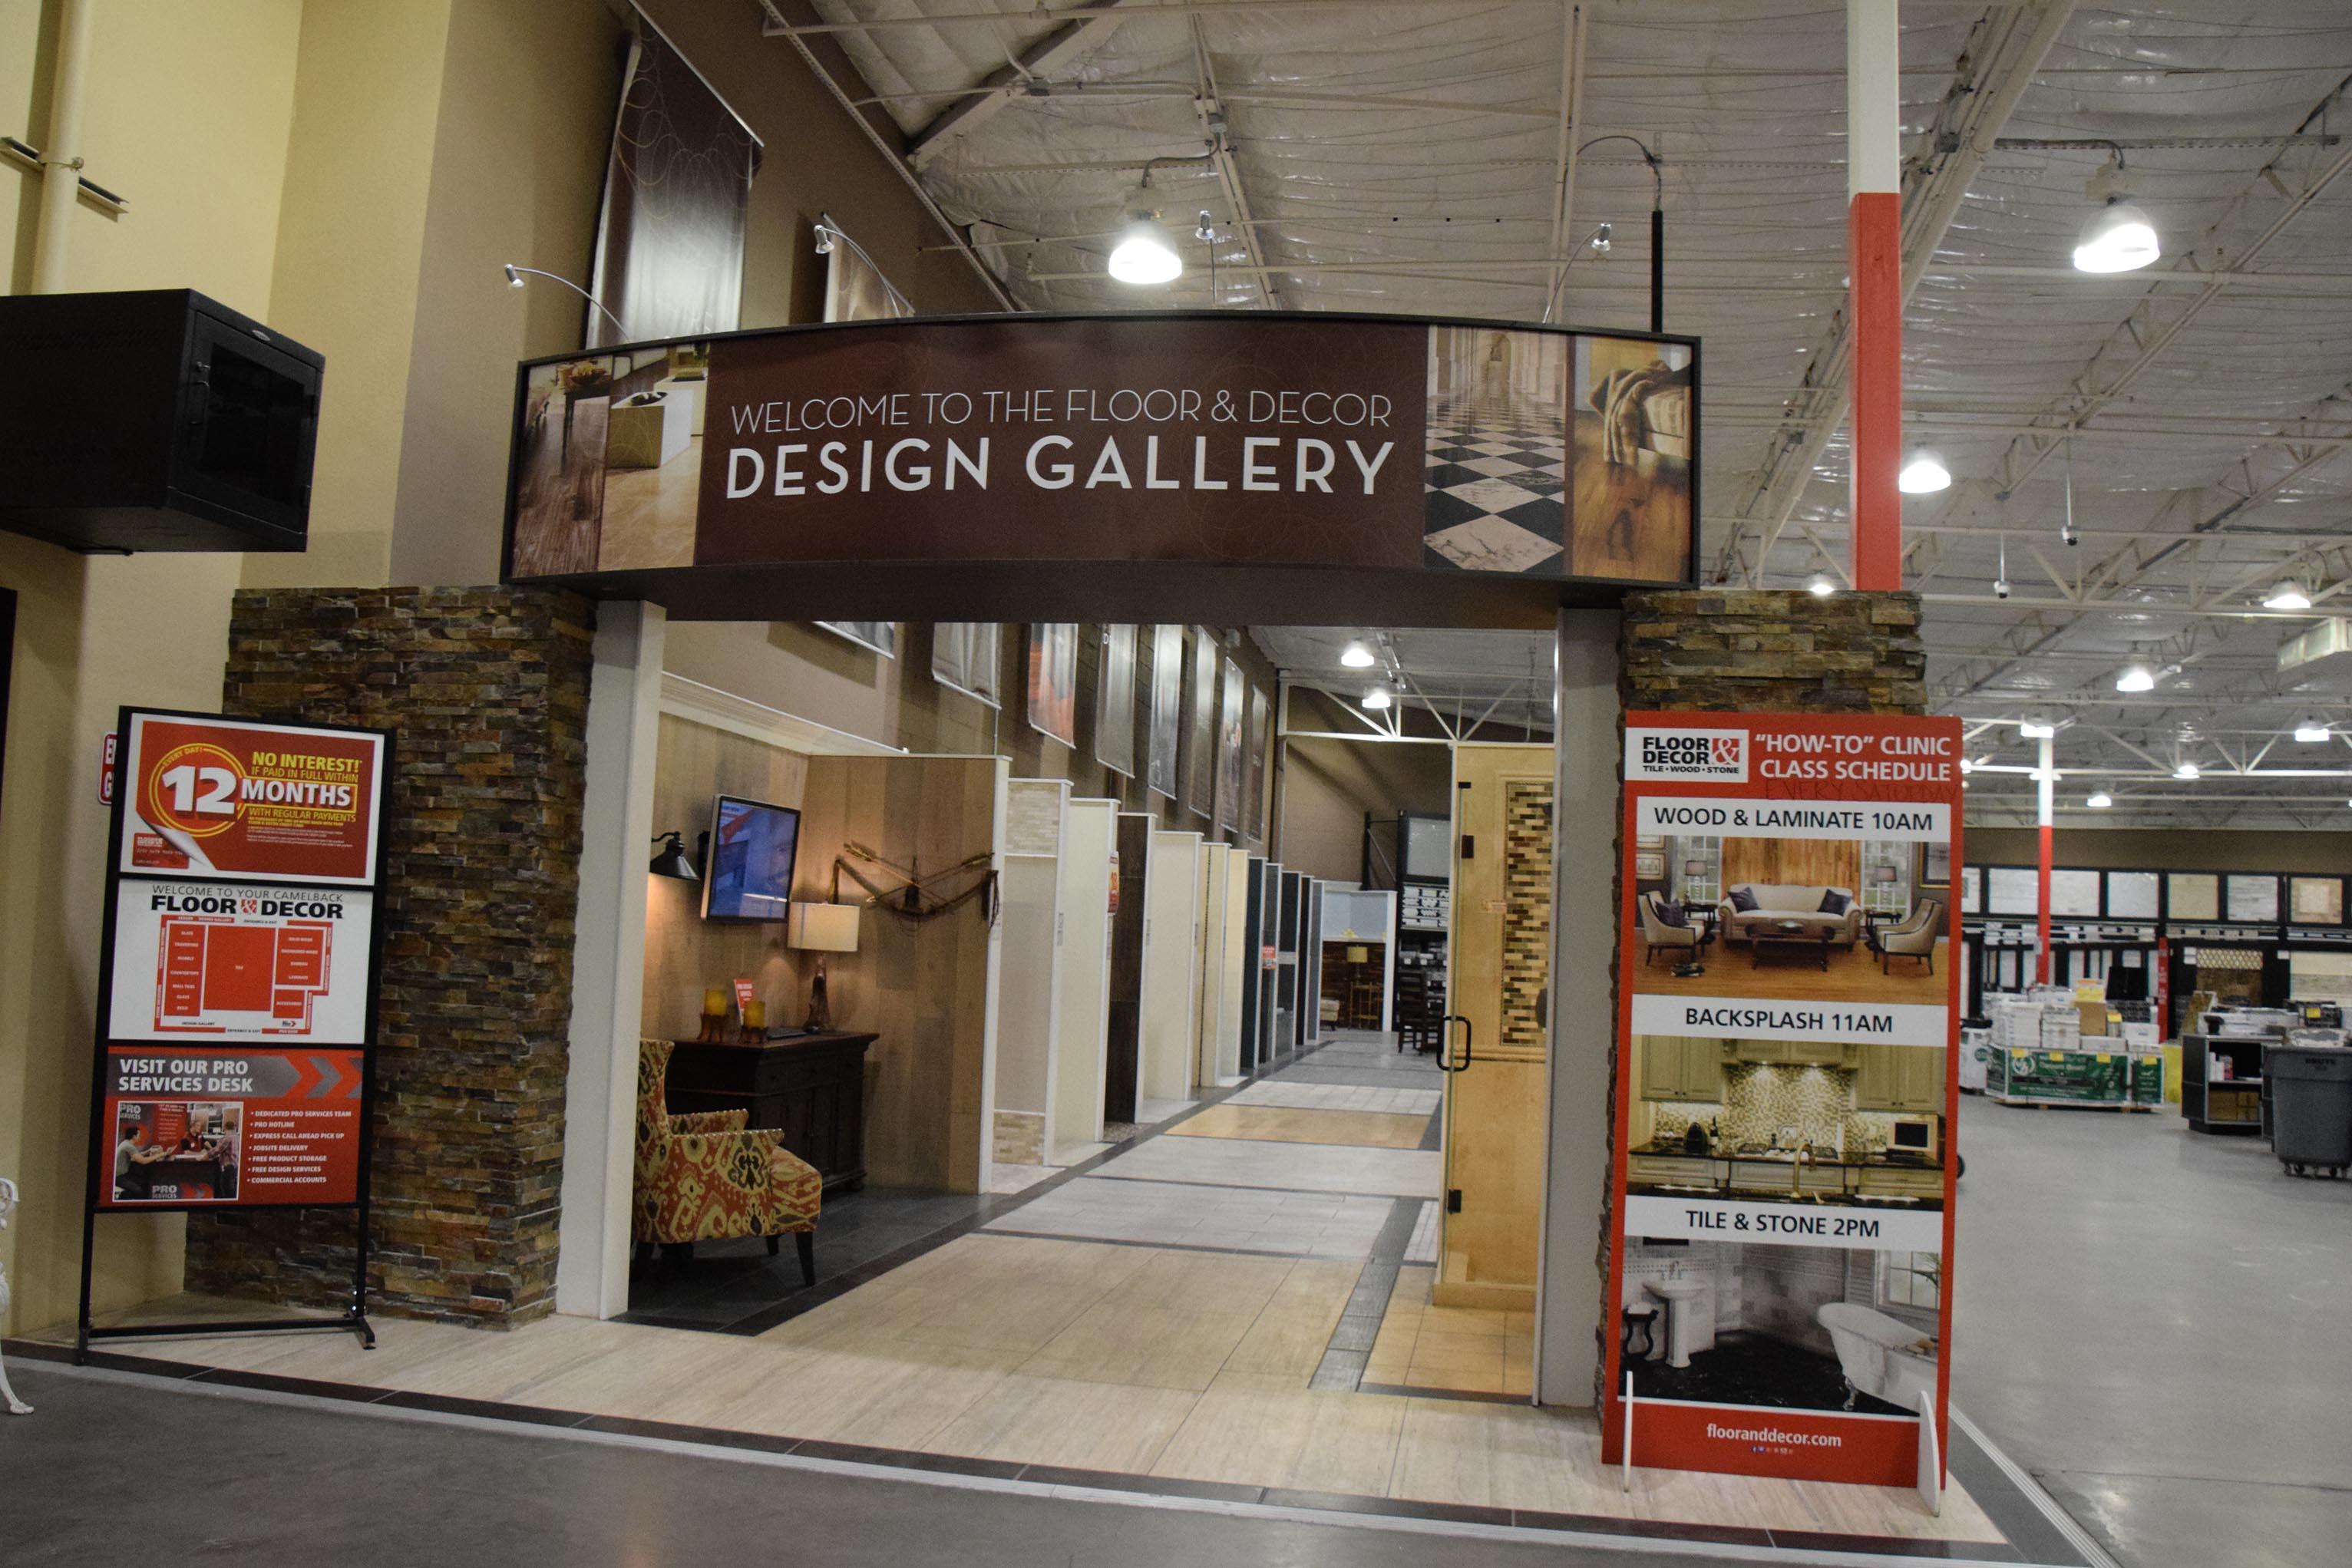 Floor & Decor image 25